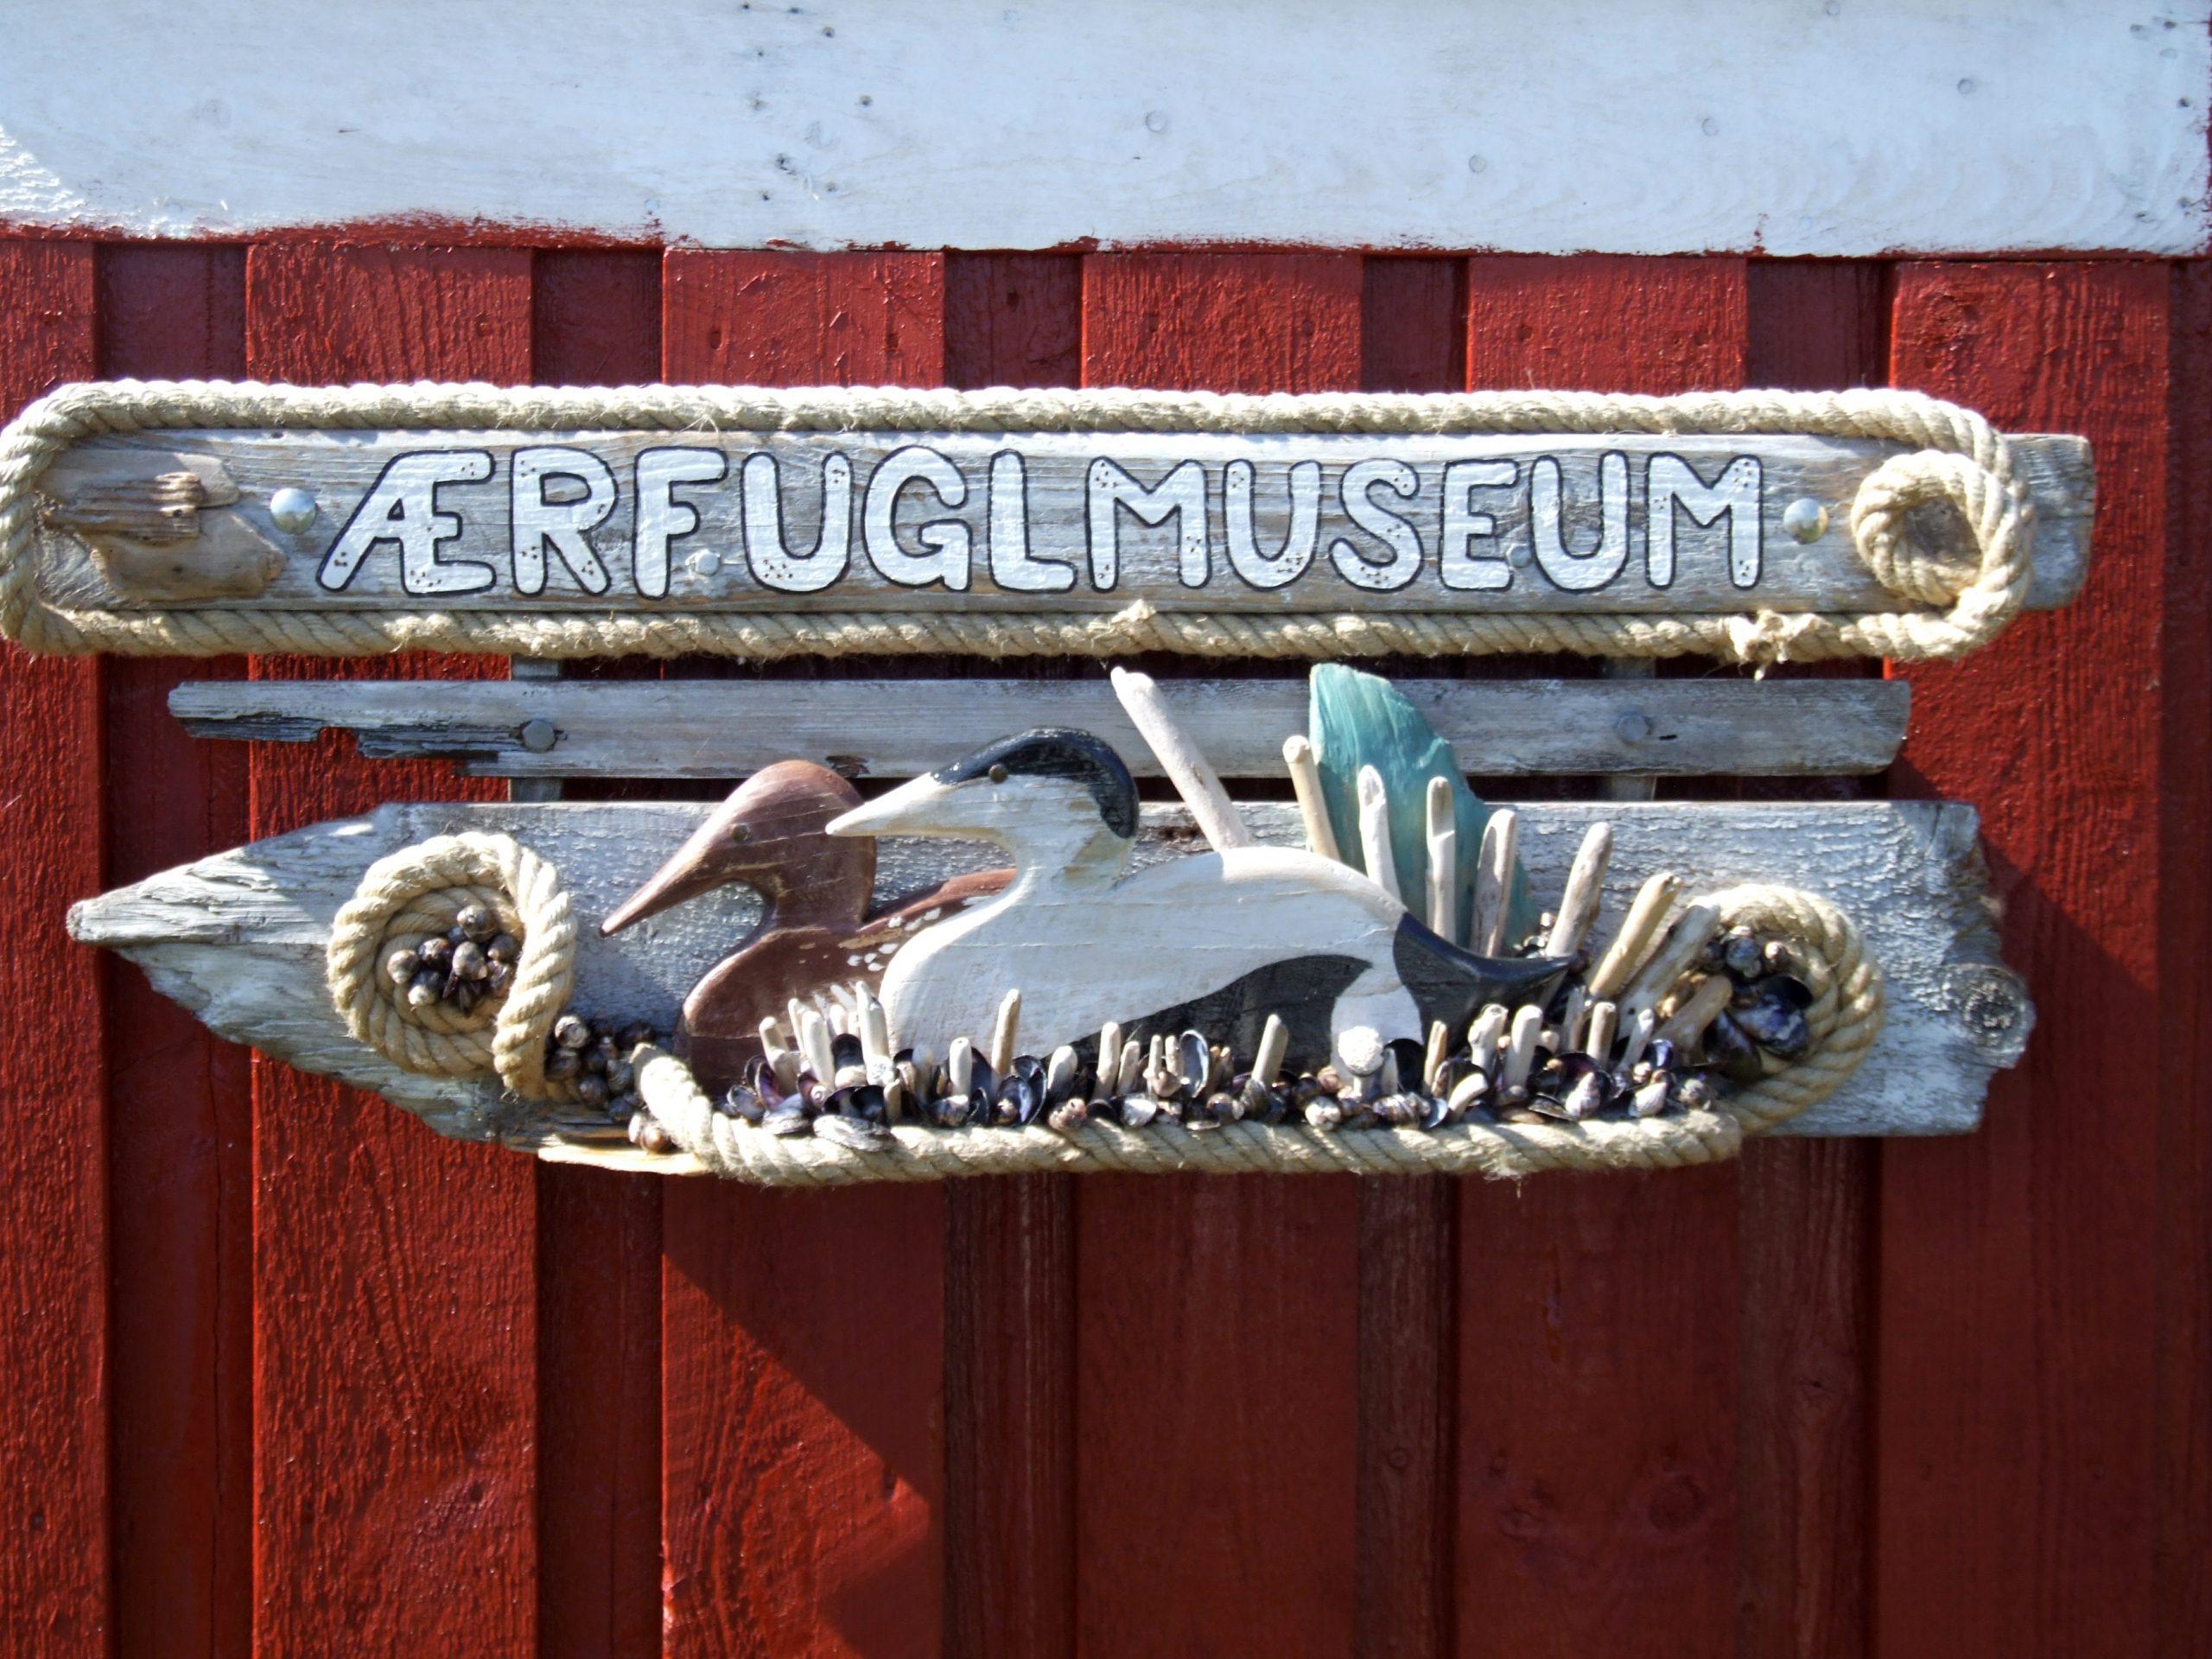 Ærfuglmuseum